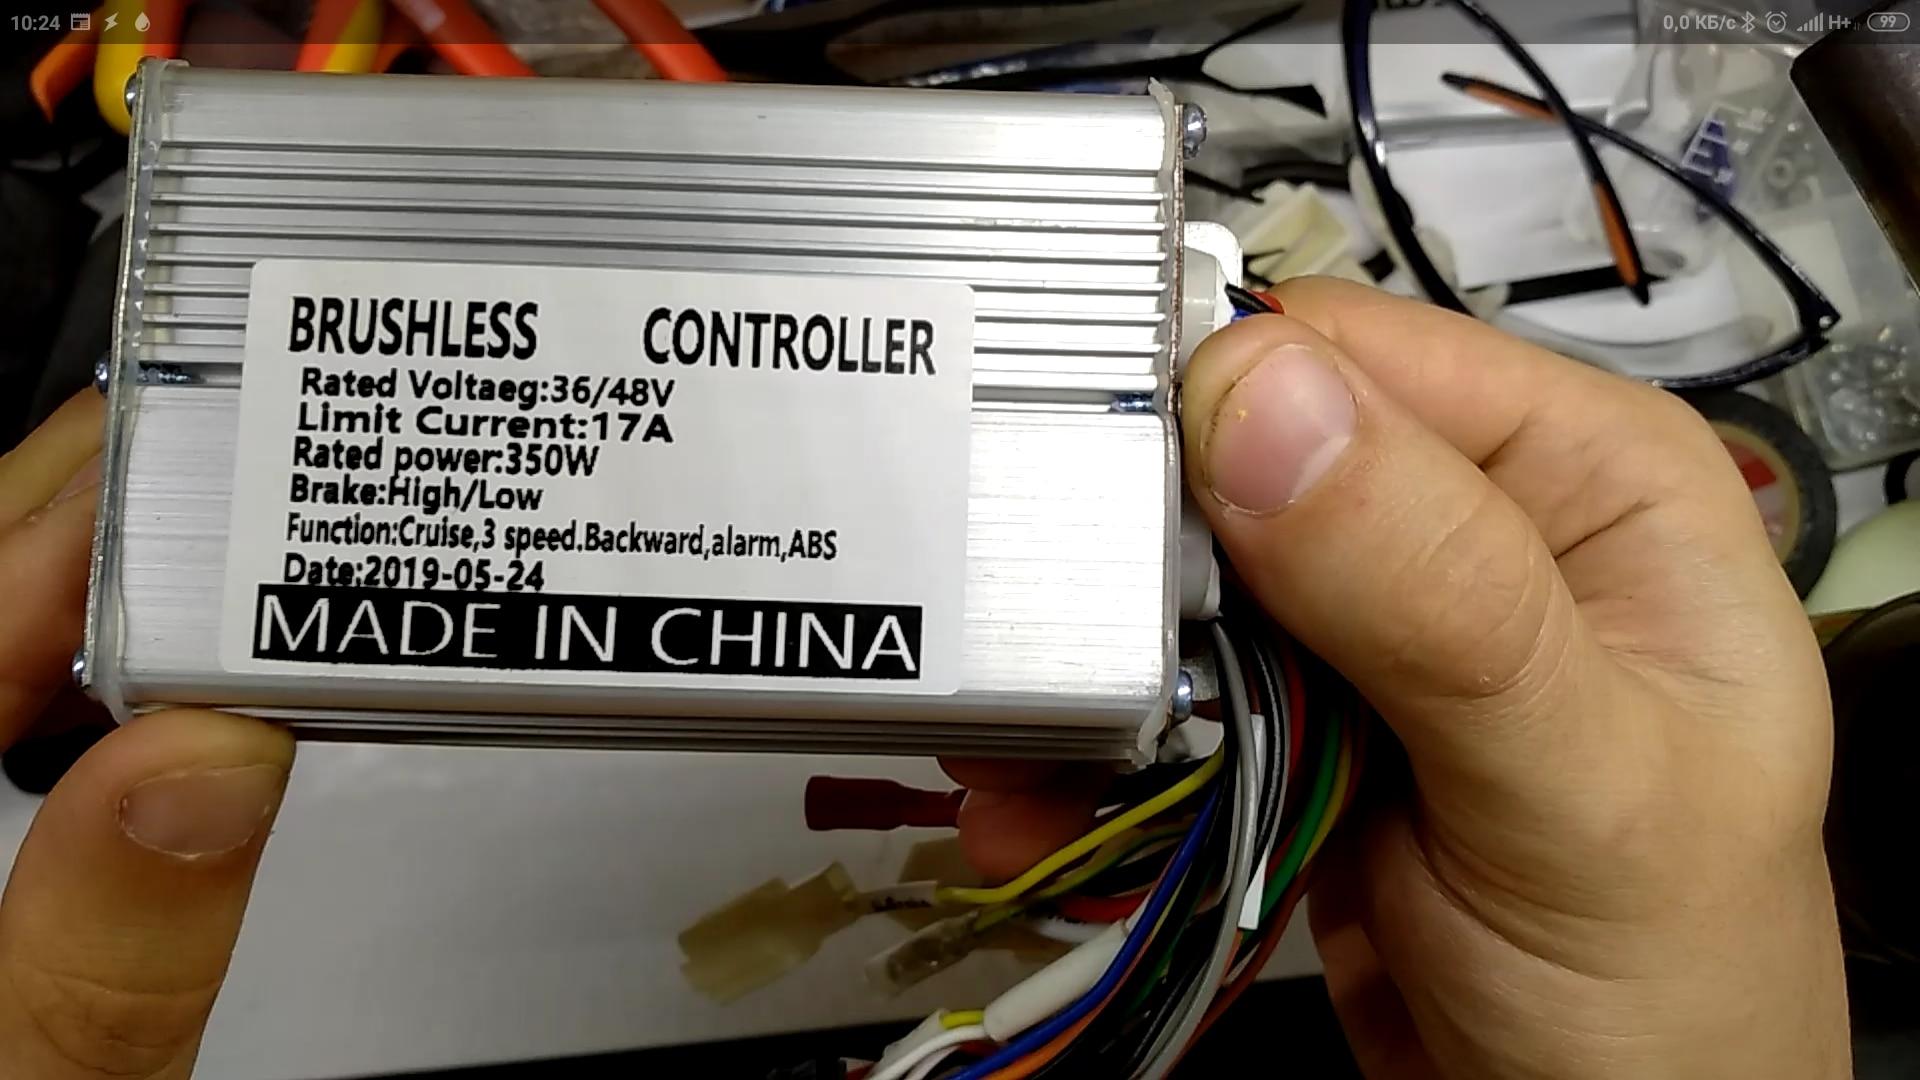 При подключении контроллера на БМС просаживается напряжение.